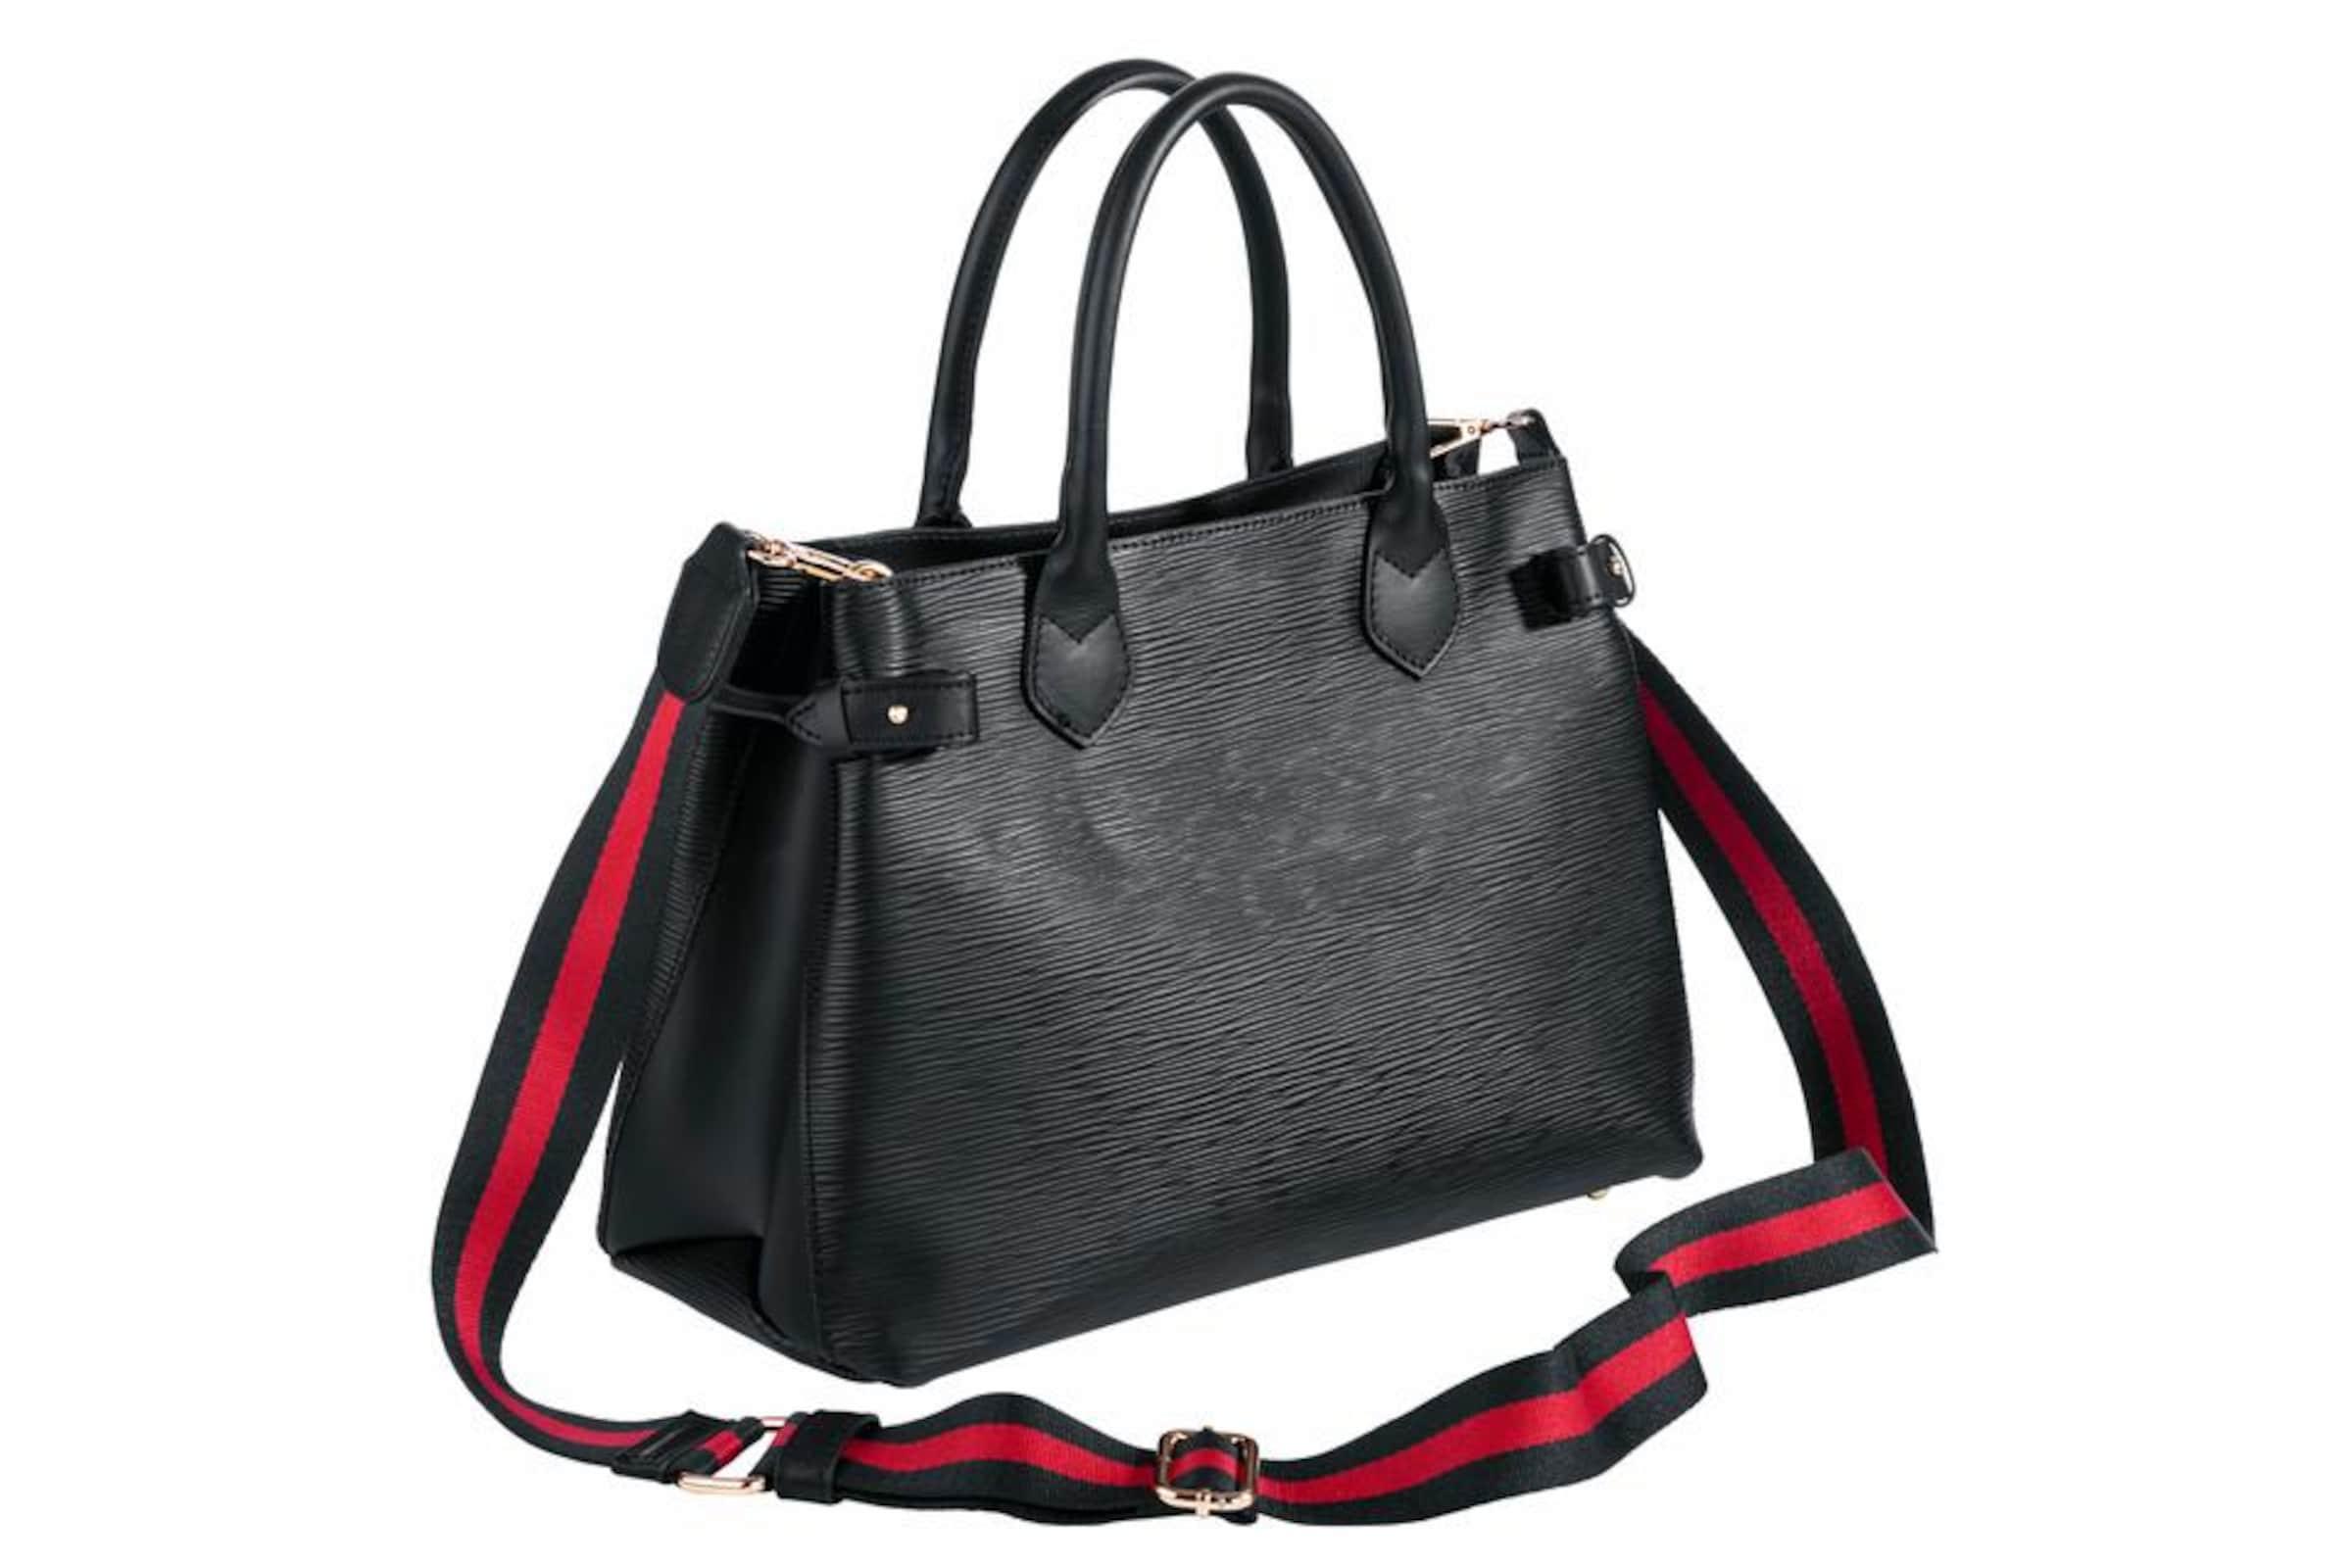 COLLEZIONE ALESSANDRO Tasche in geriffelter Optik Heiß Erkunden Günstig Online Mode-Stil Online-Verkauf Top-Qualität Zum Verkauf Verkauf Online-Shopping 2IN0BwpAfd